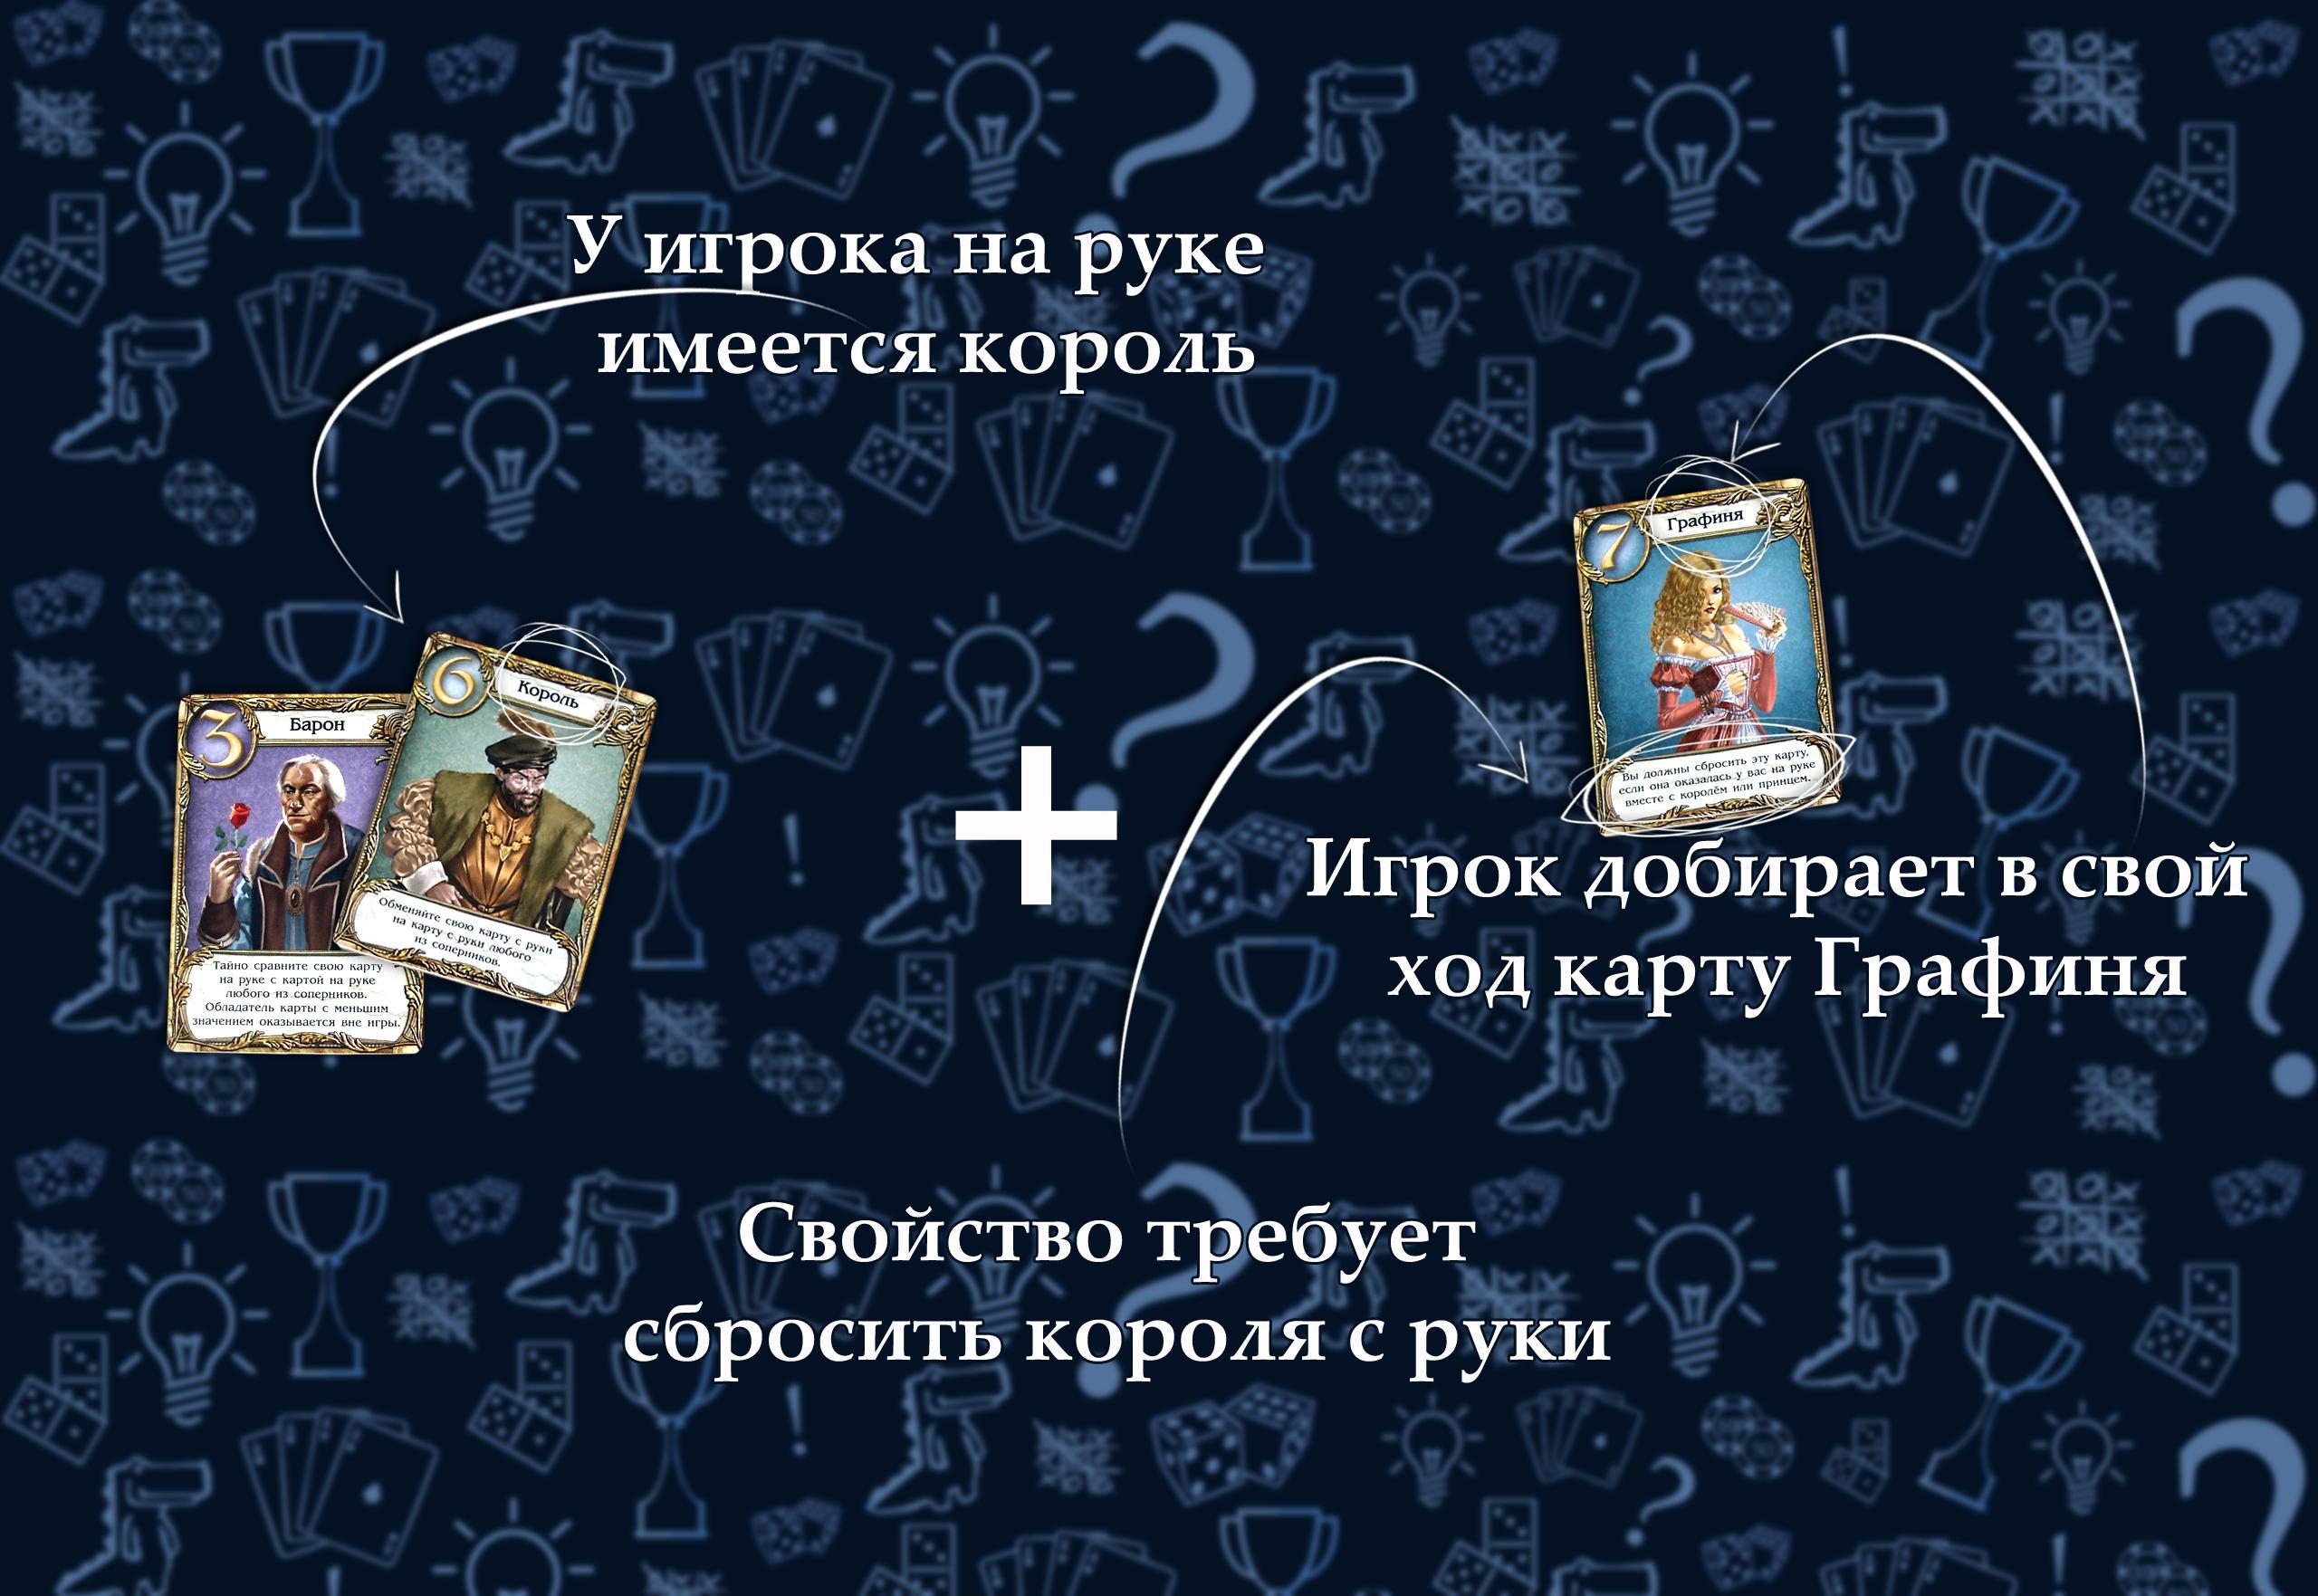 Необходимость сбросить карту из-за свойства в настольной игре тайное послание